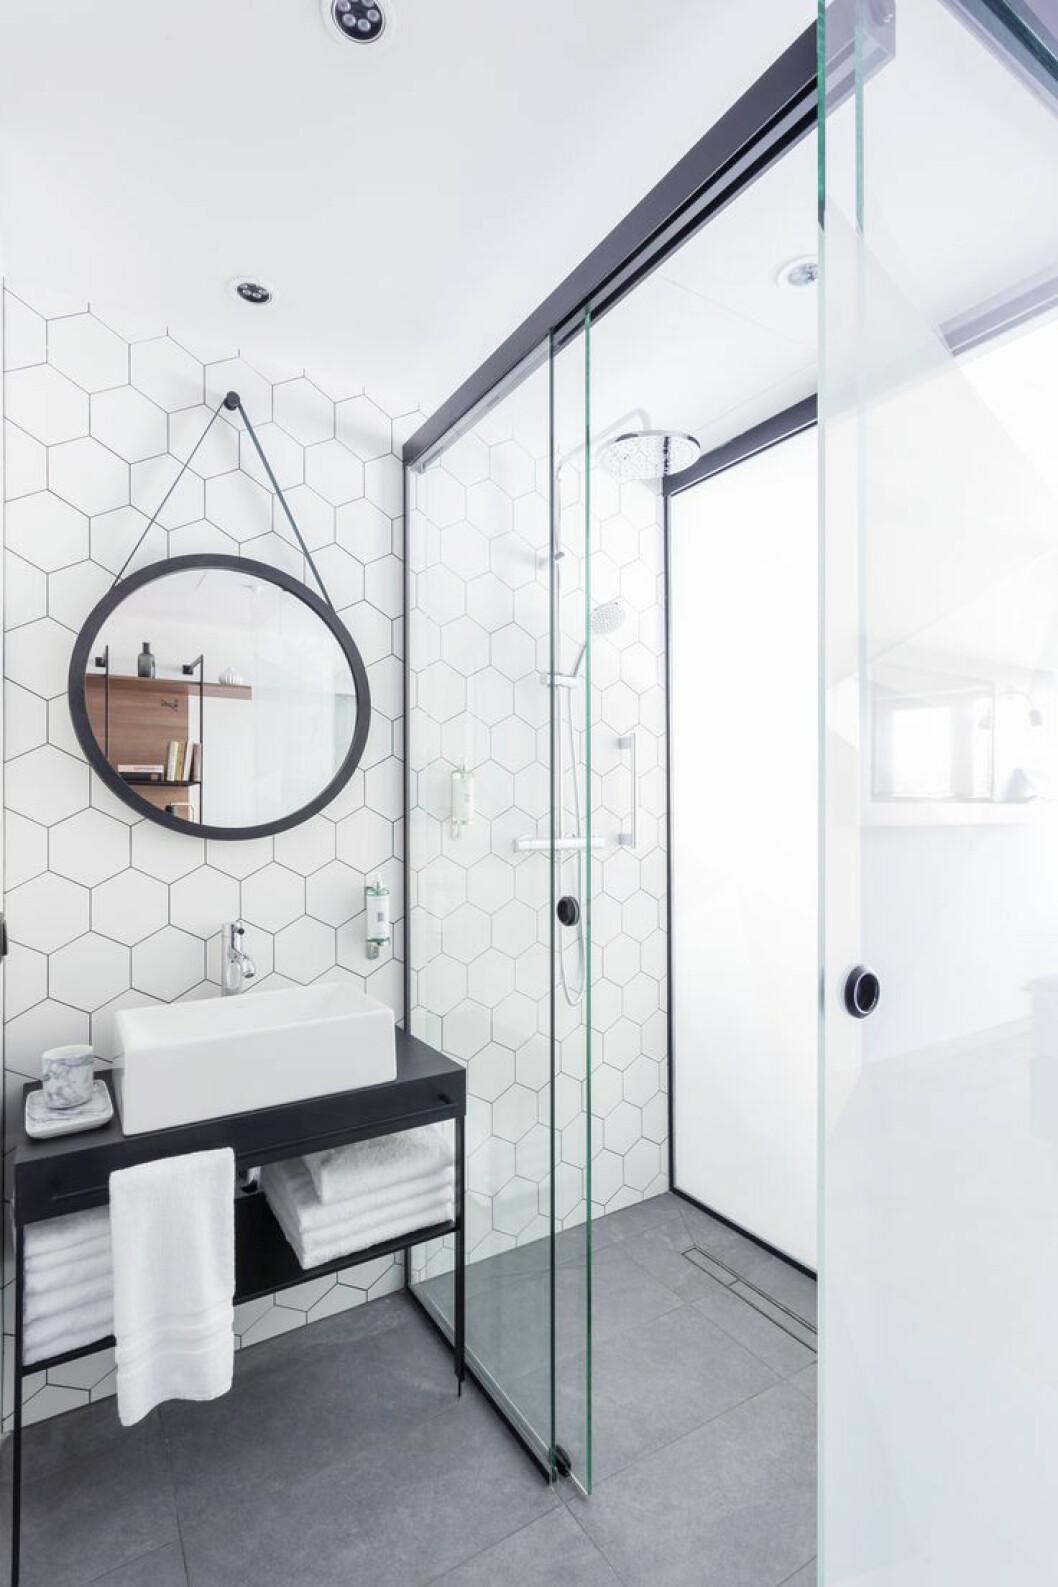 Stilrent badrum med gråa klinkerplattor och hexagonmönstrade, vita plattor på väggarna.